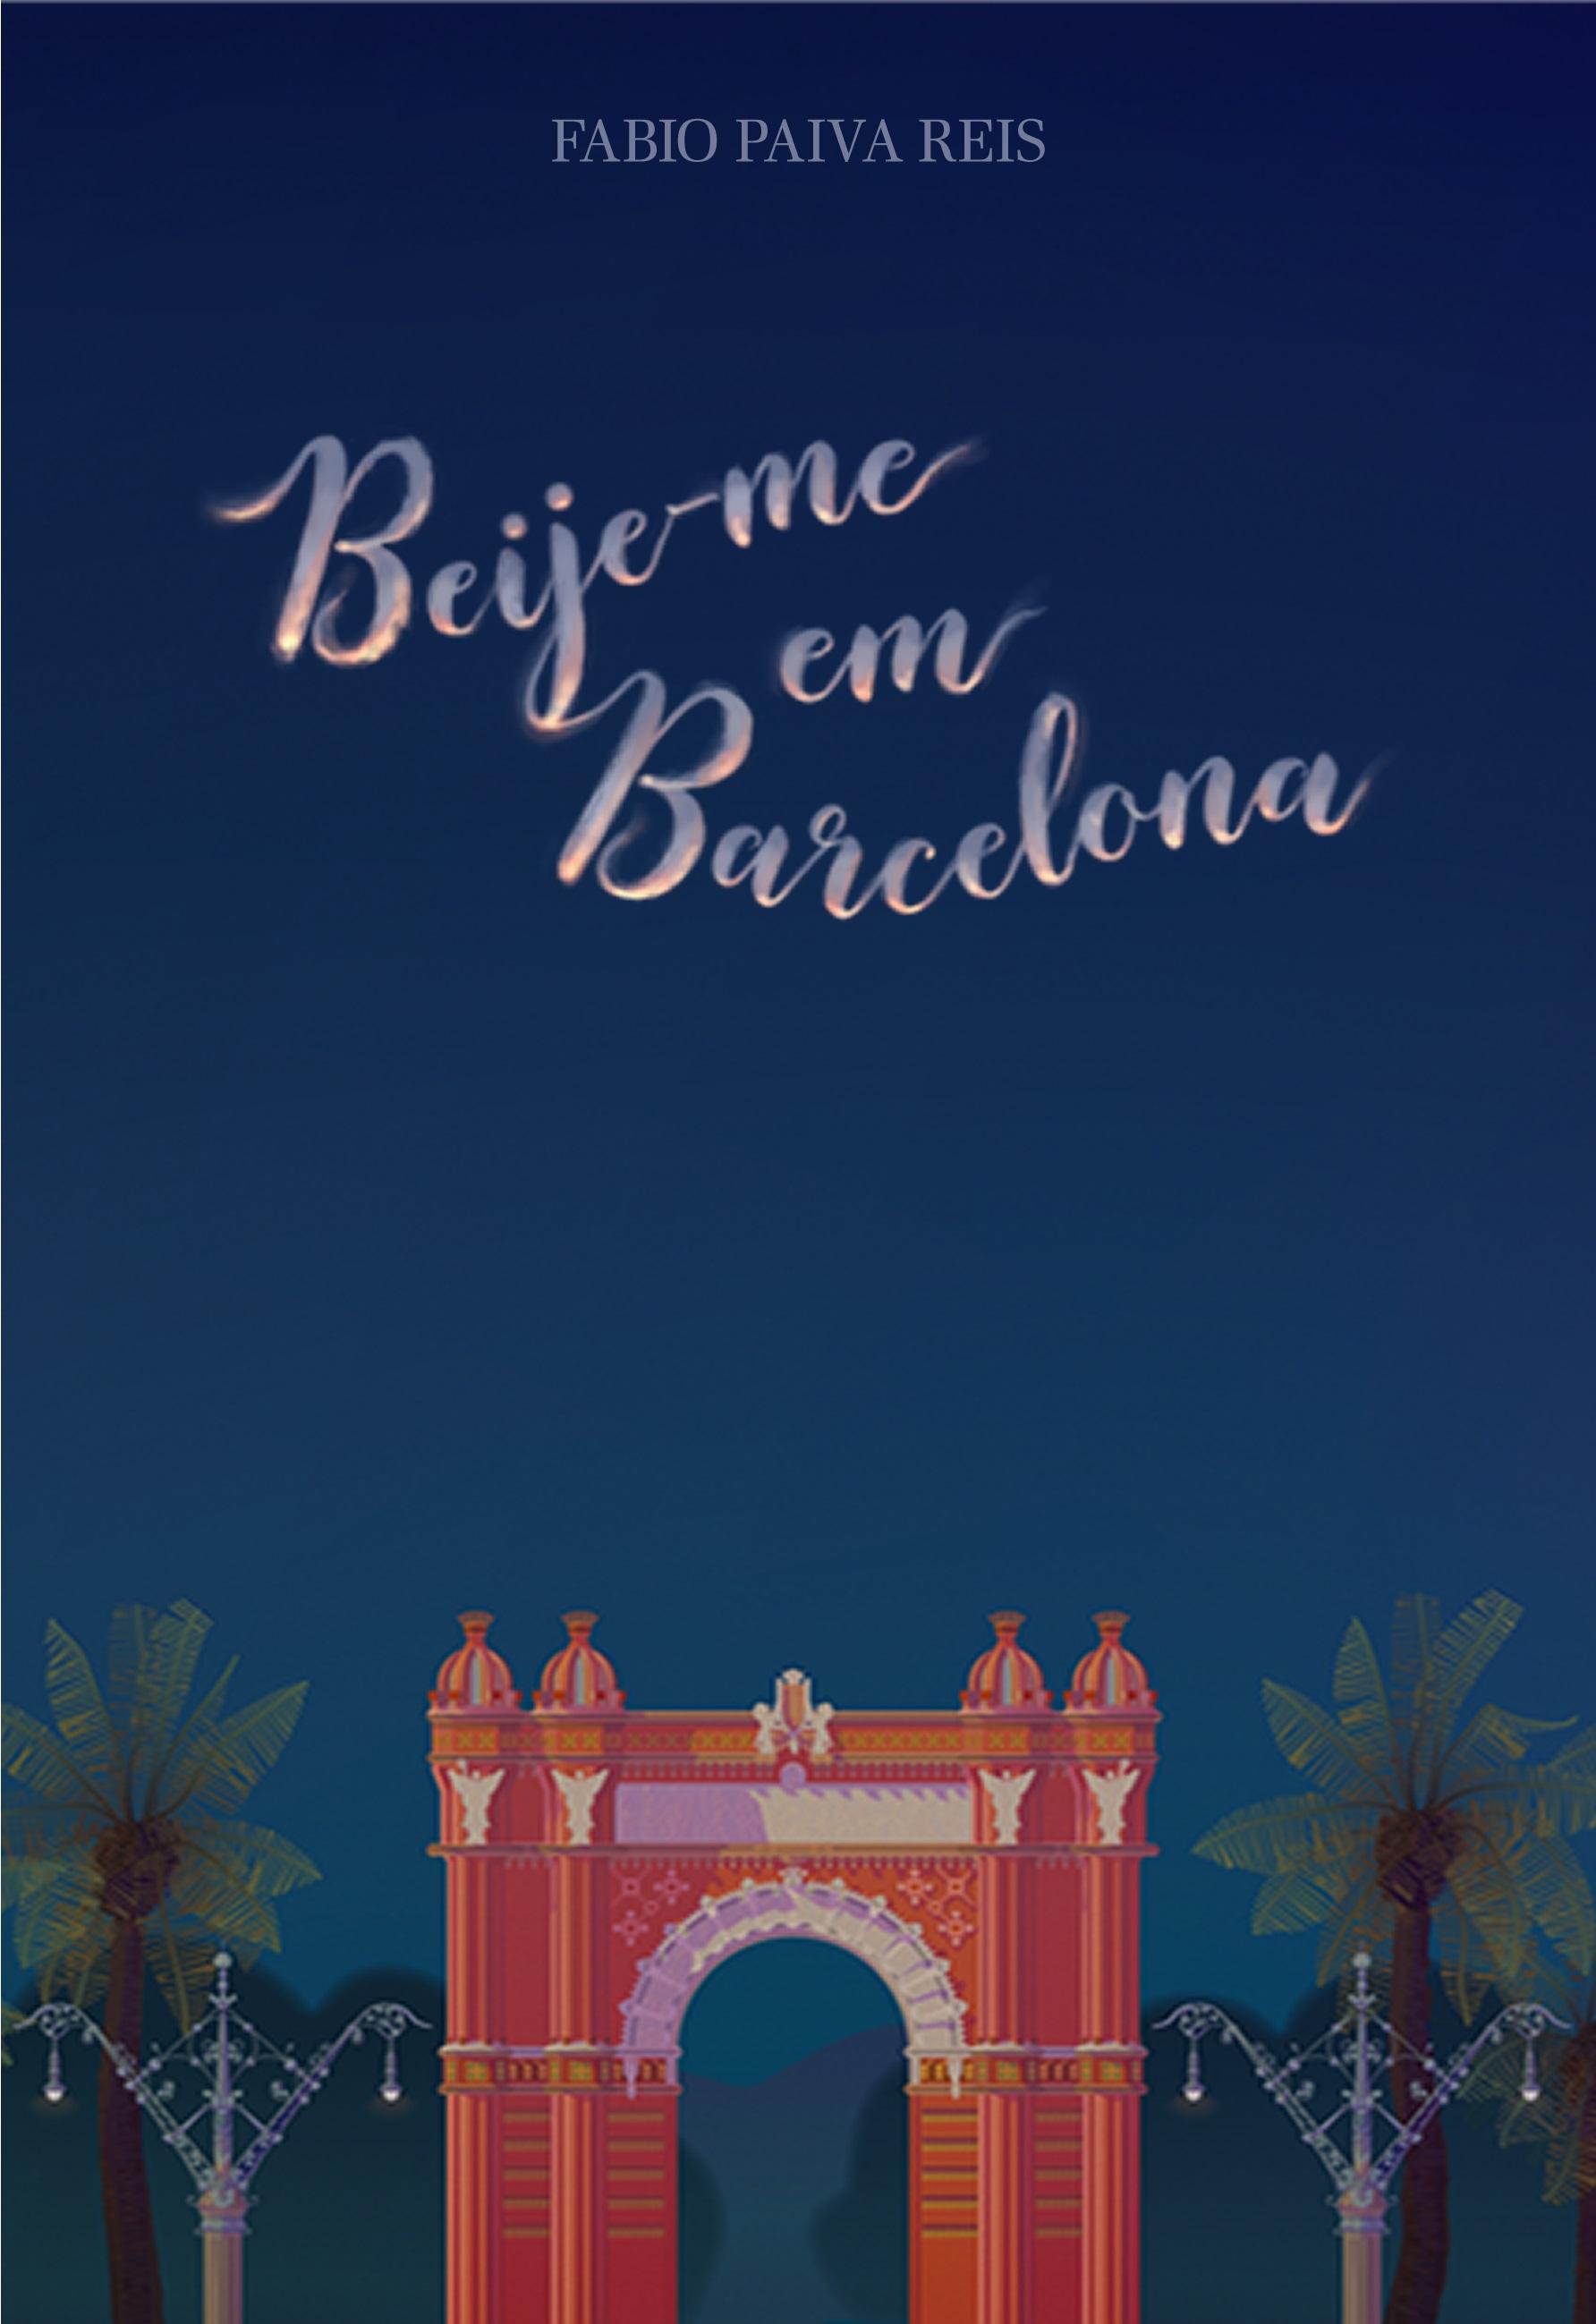 Beije-me em Barcelona – Capa